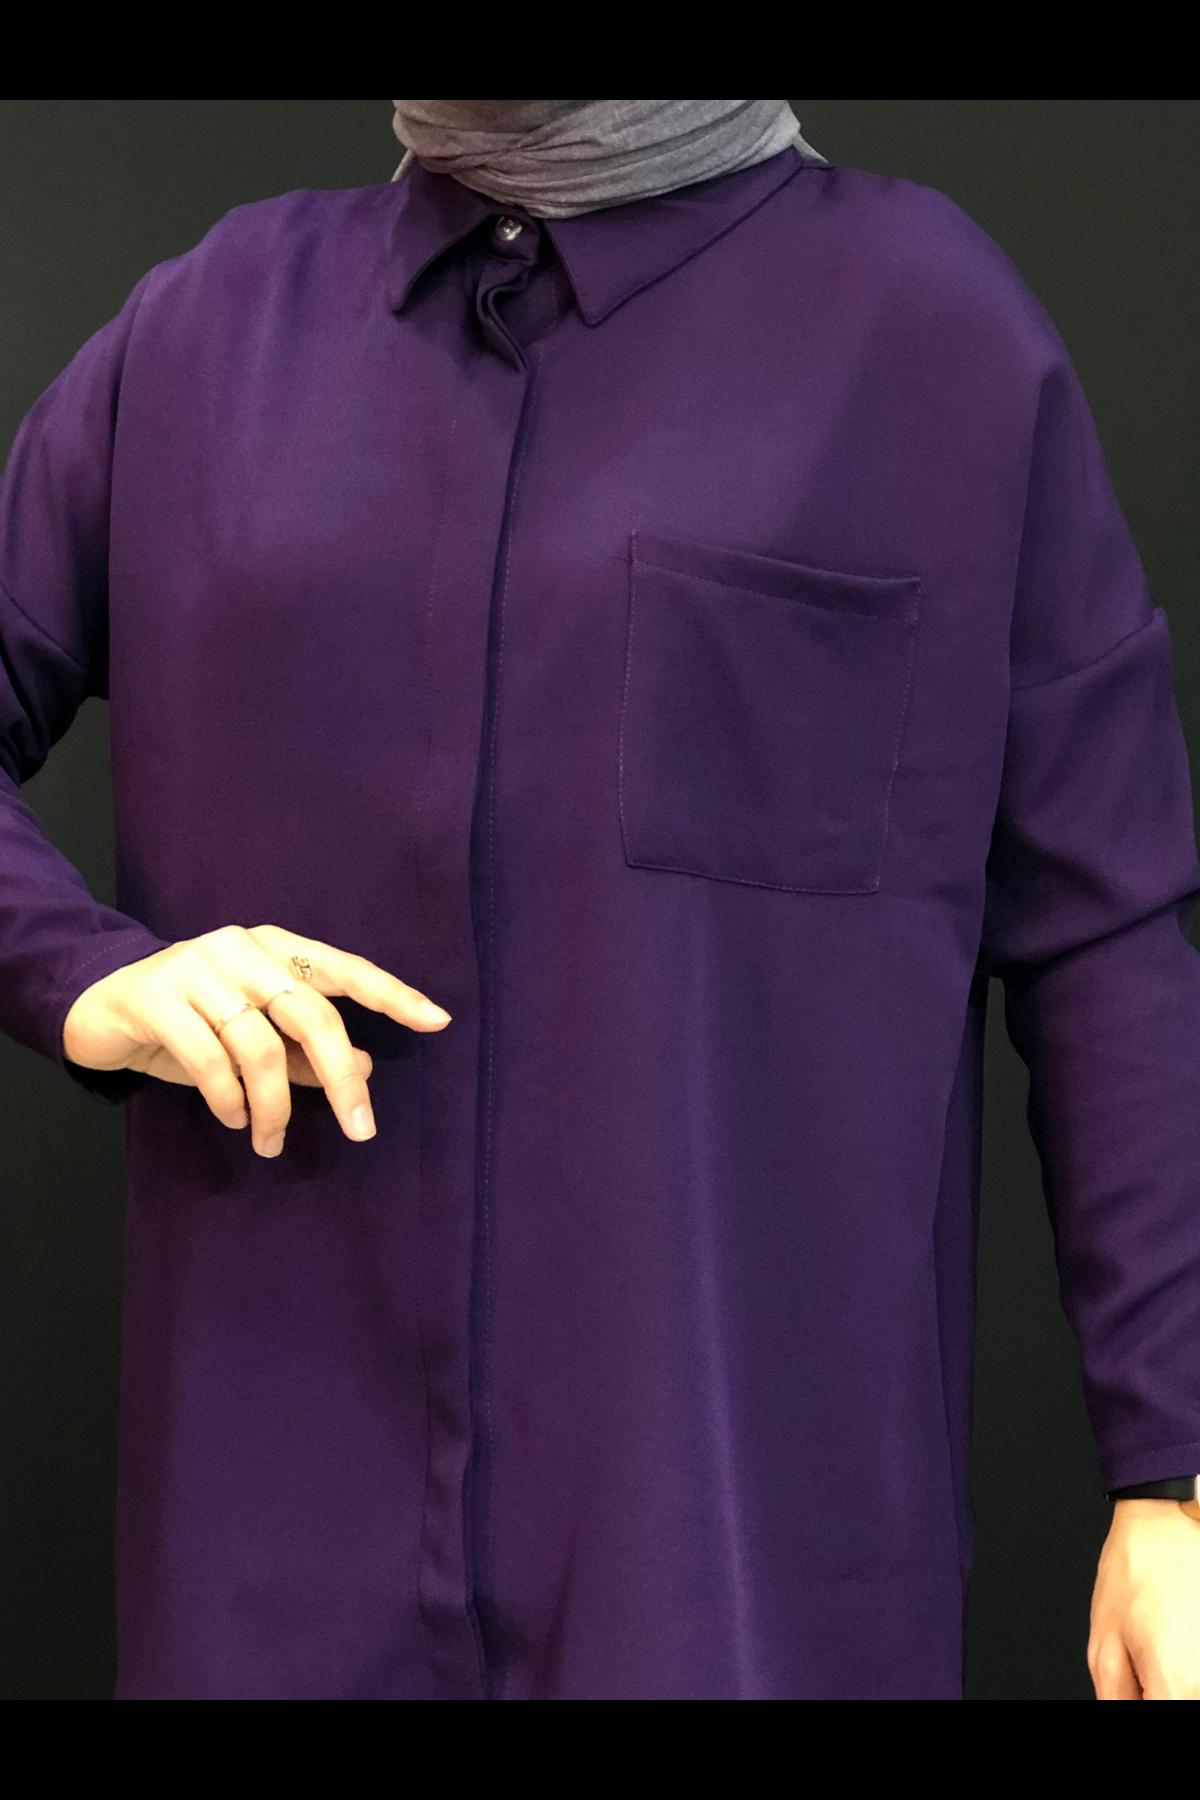 Cepli  Tesettür Gömlek - Mor